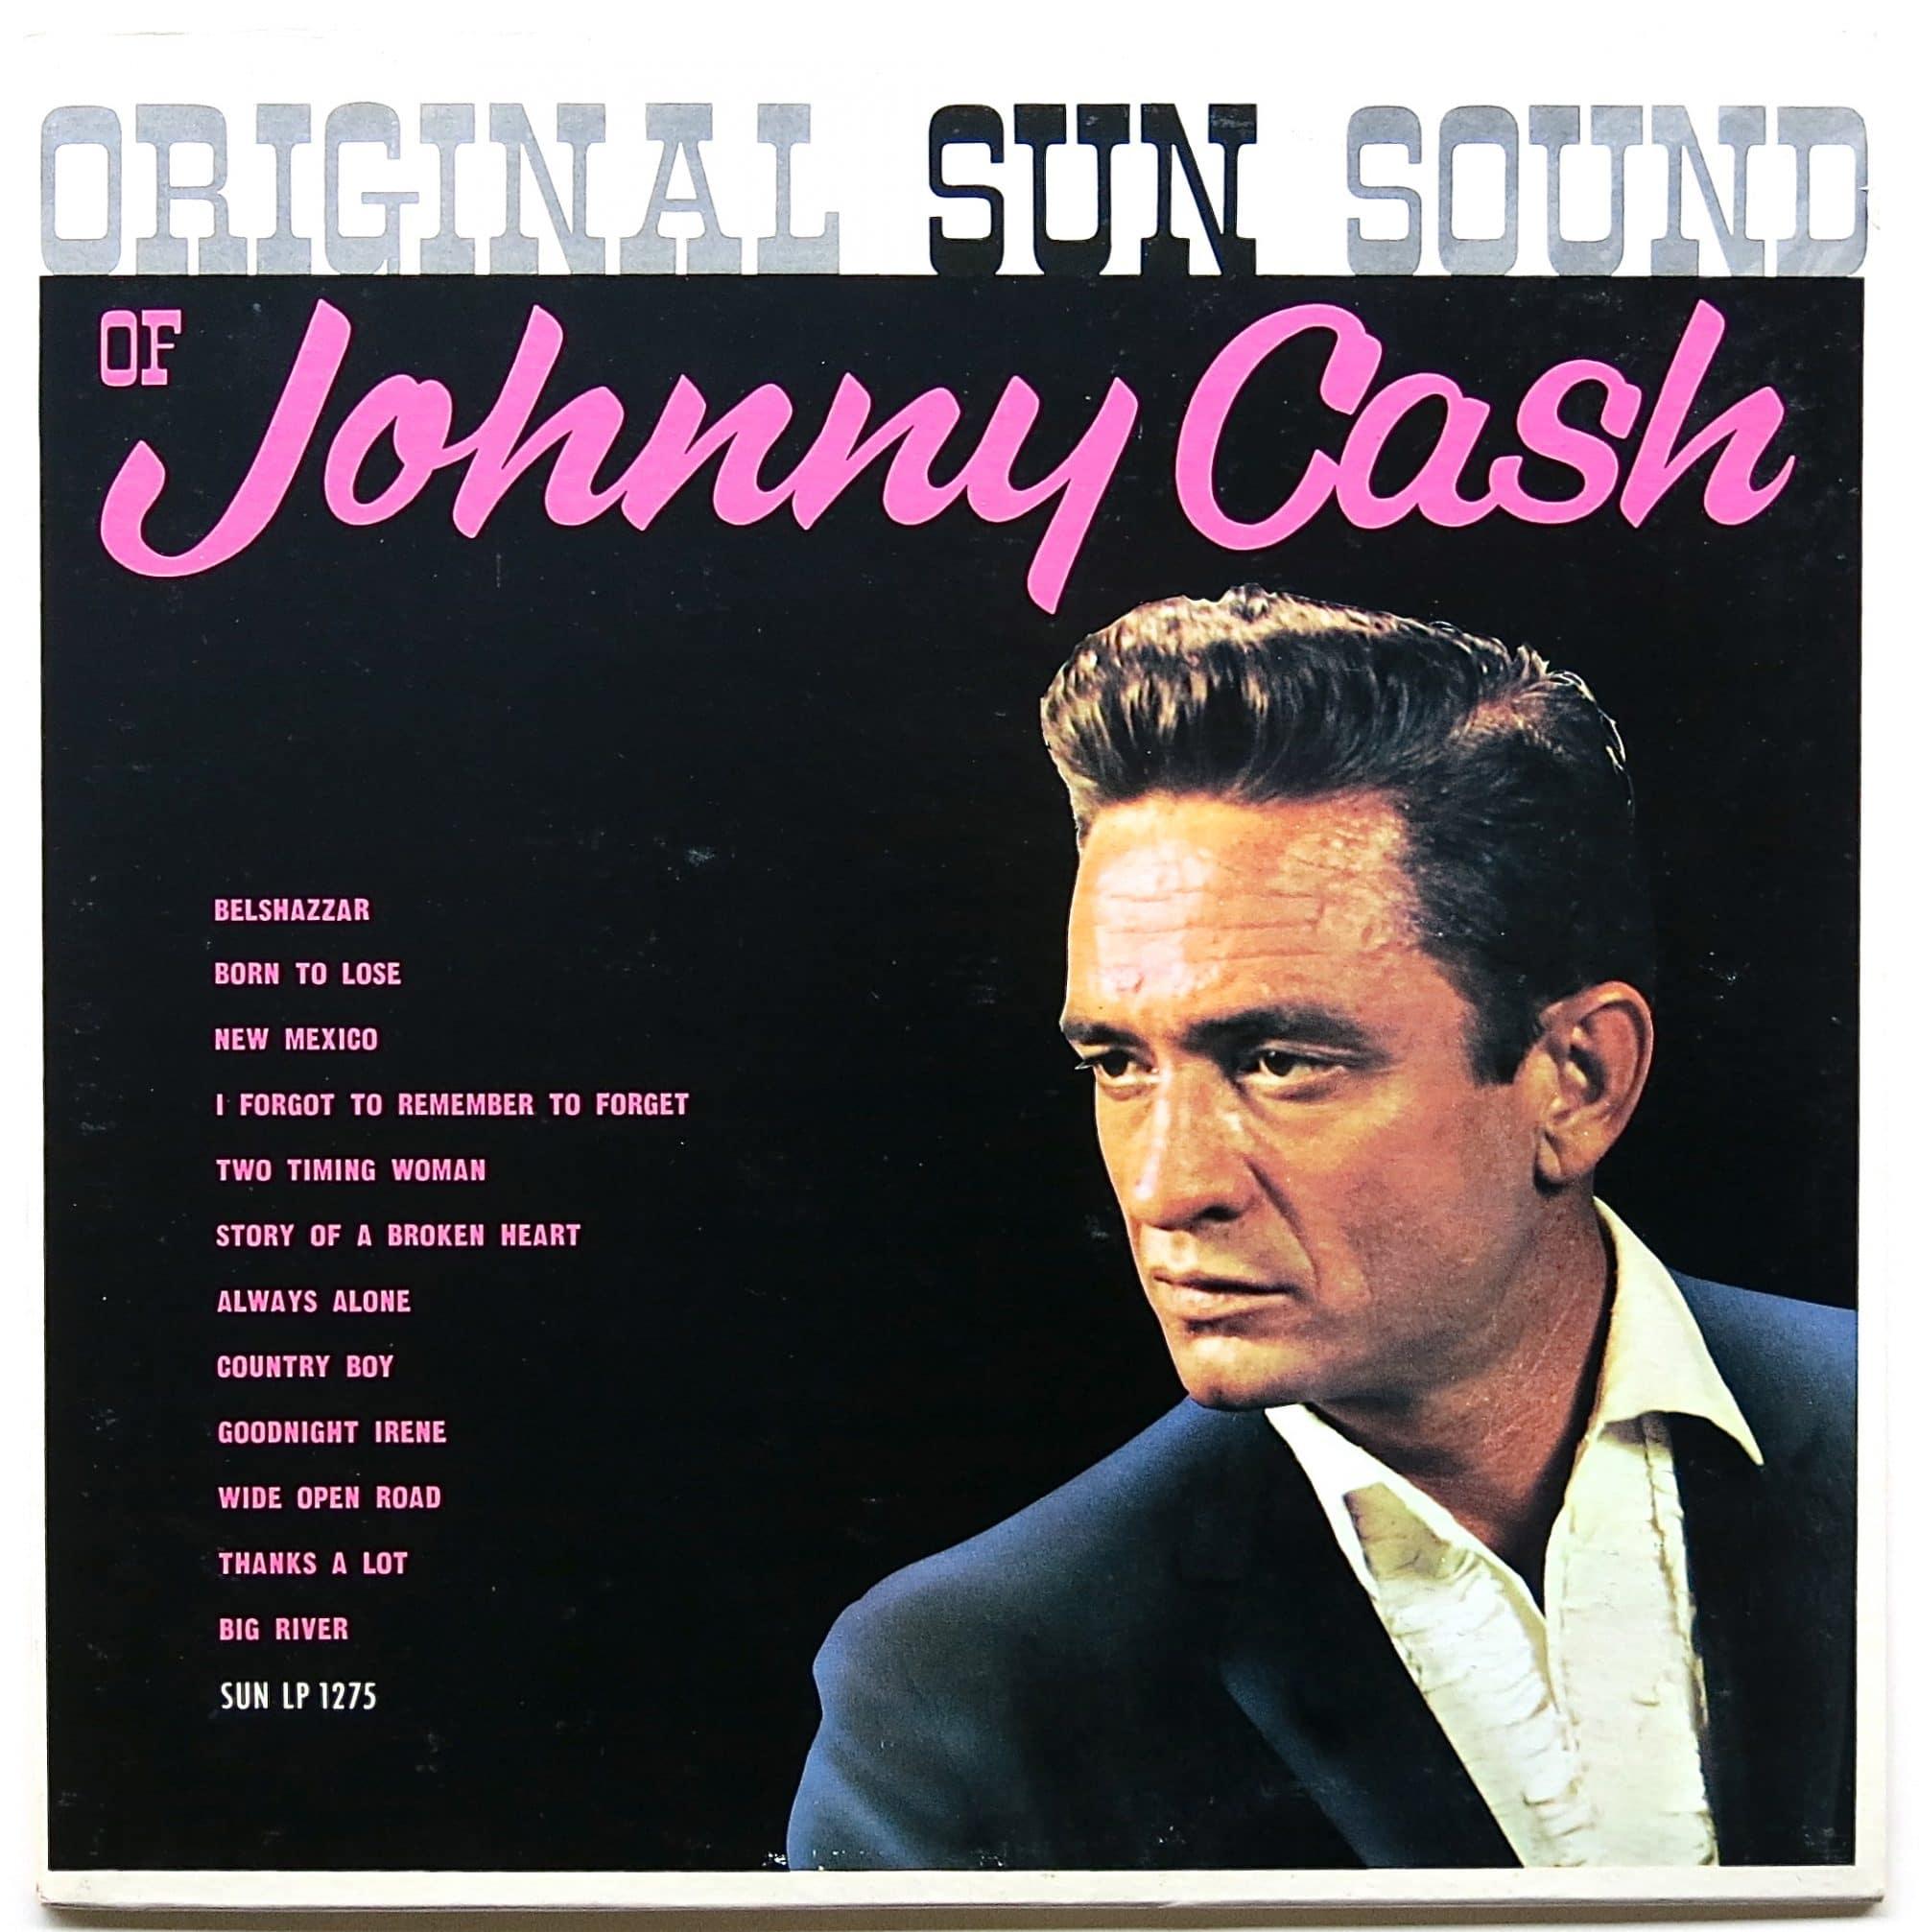 johnny cash � �original sun sound of johnny cash� 1964 lp